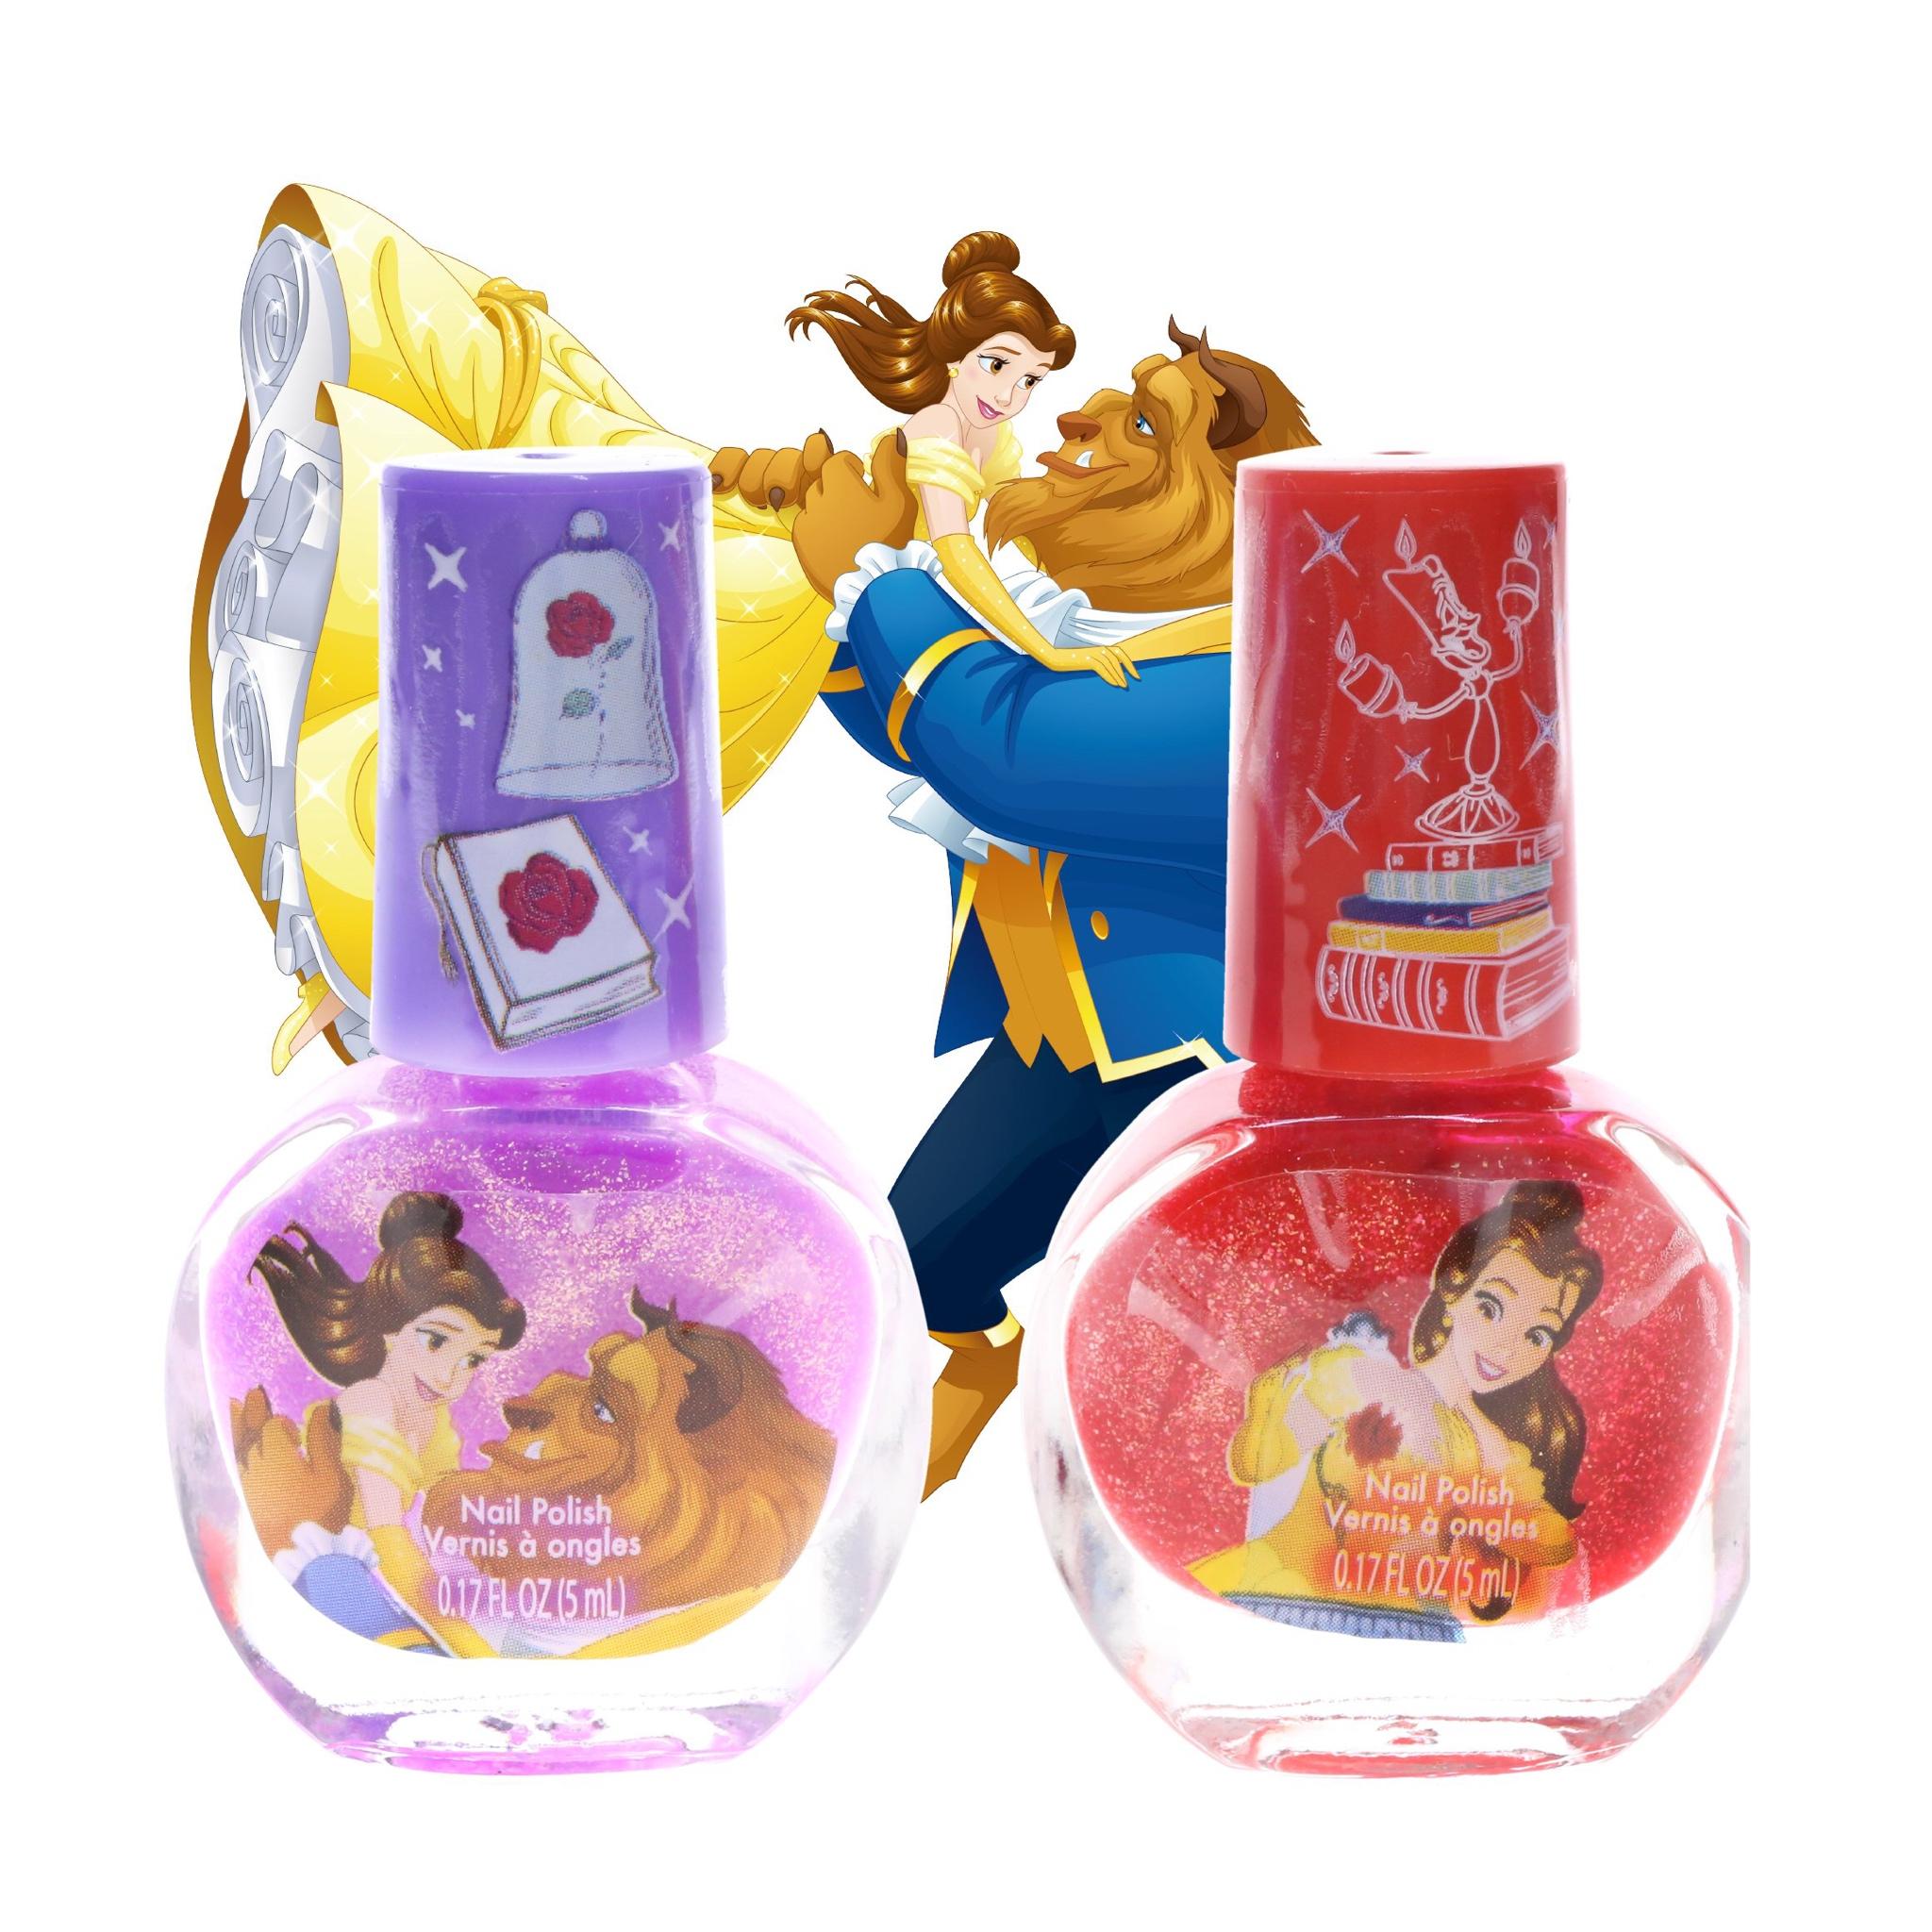 ชุดยาทาเล็บปลอดสารพิษสำหรับเด็ก Townleygirl 2-Pack Nail Polish Set (Beauty & the Beast)